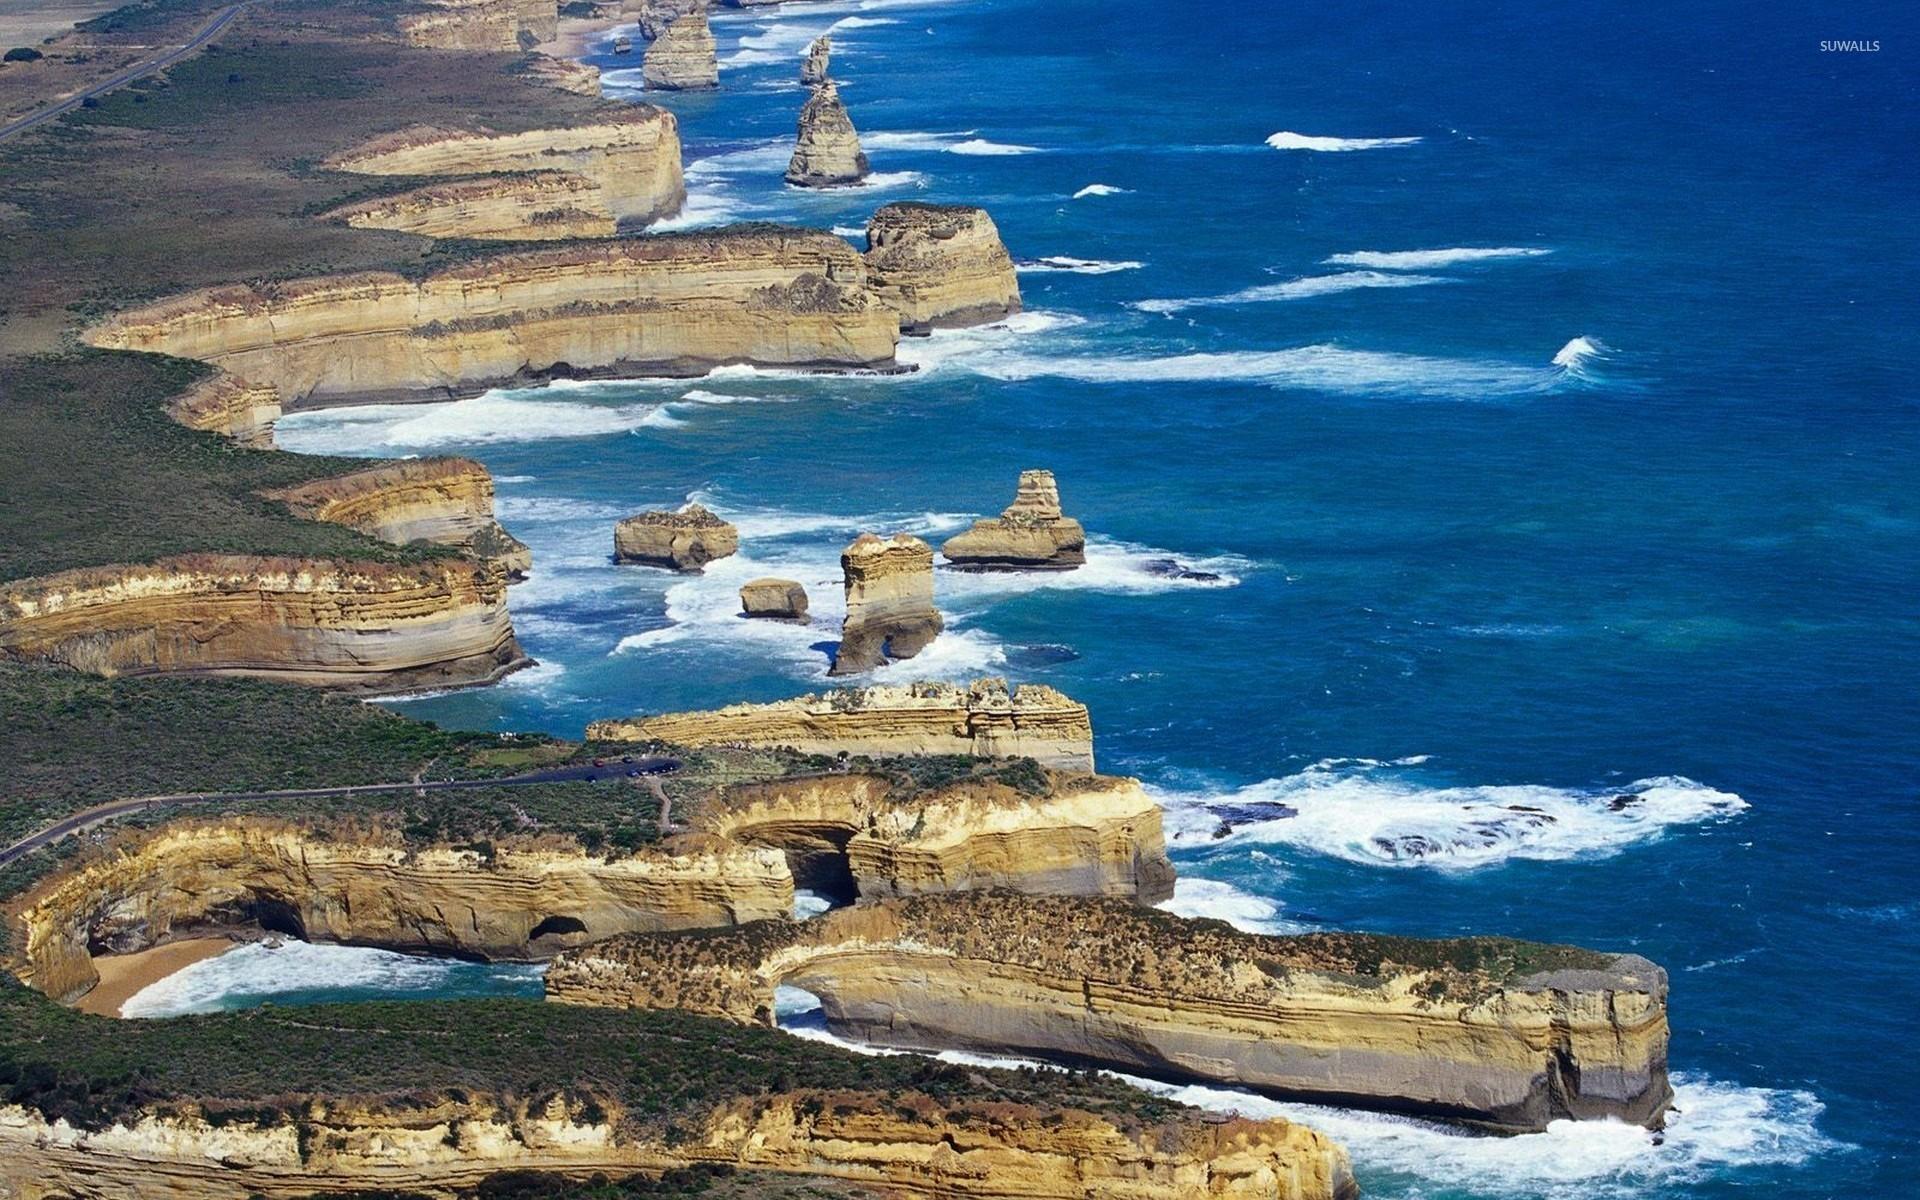 Res: 1920x1200, The Shipwreck Coast of Victoria wallpaper